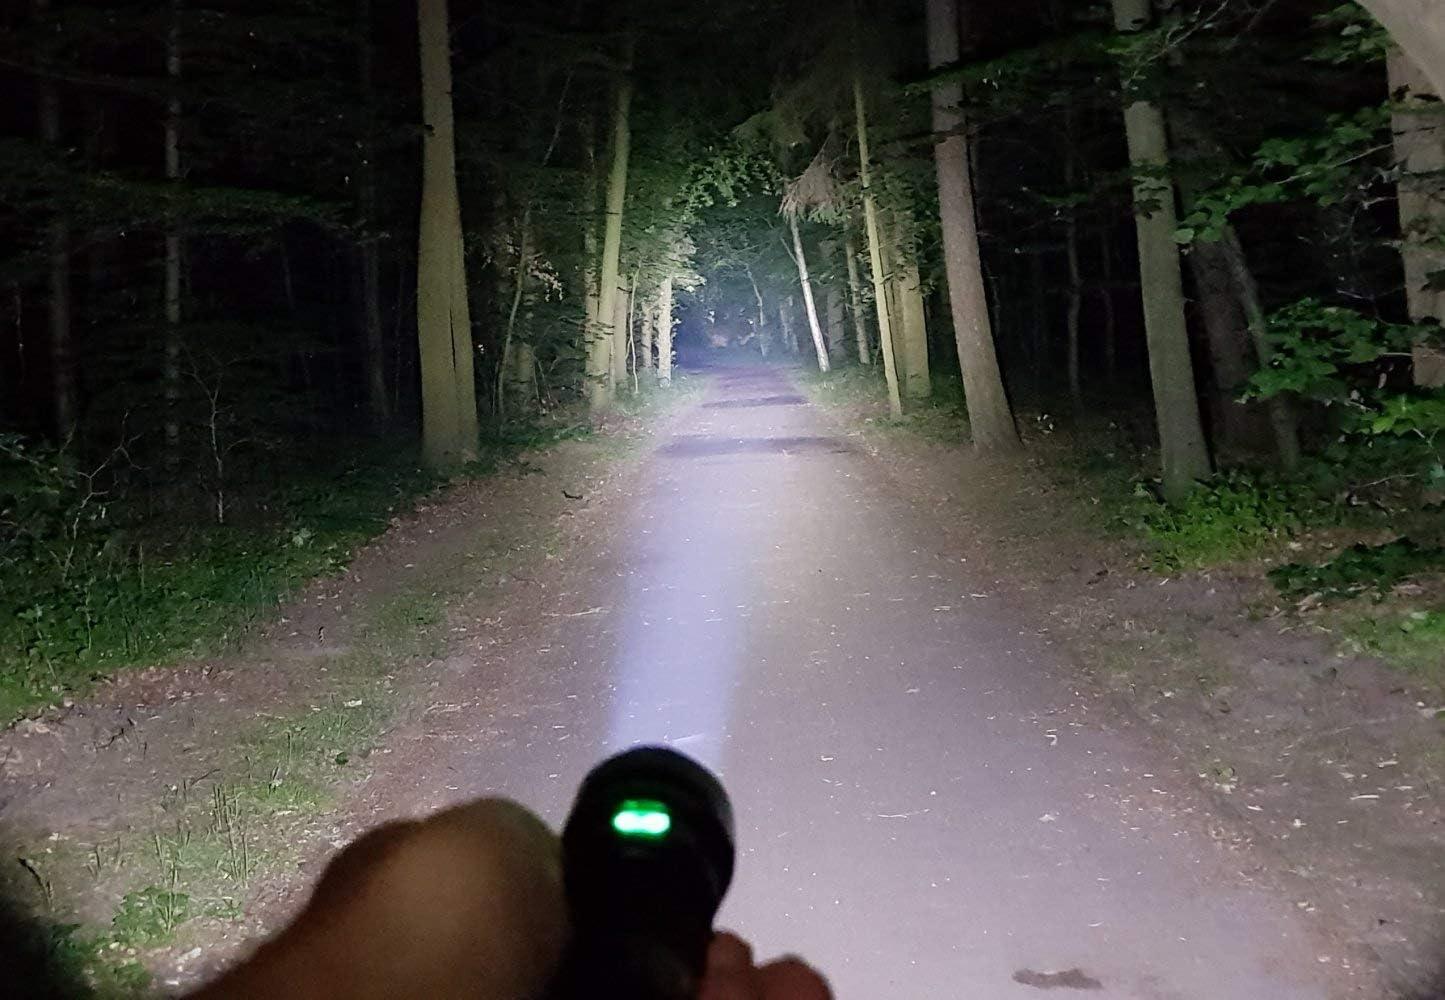 Sofirn C8G lampe de poche lanceur,Lampe de poche /à DEL extr/êmement brillante 2000 lumens avec 21700 piles CREE XHP35 HI LED pour le camping ext/érieur